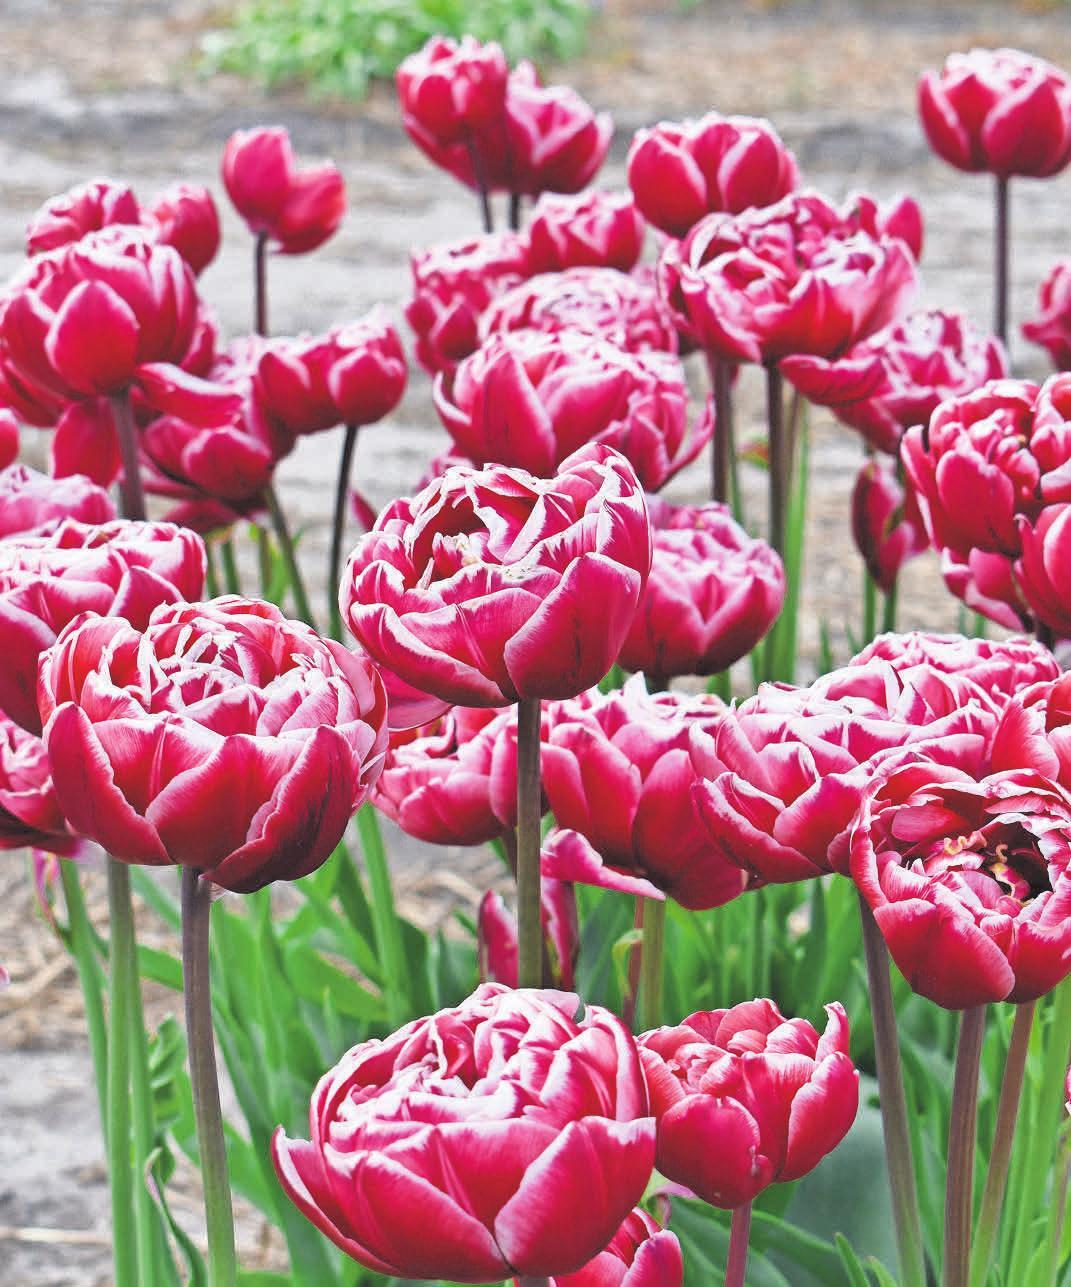 Tulpen sind Frühblüher und können im Frühjahr den Platz der Dahlien einnehmen. fotos: Fluwel (2)/dpa-tmn